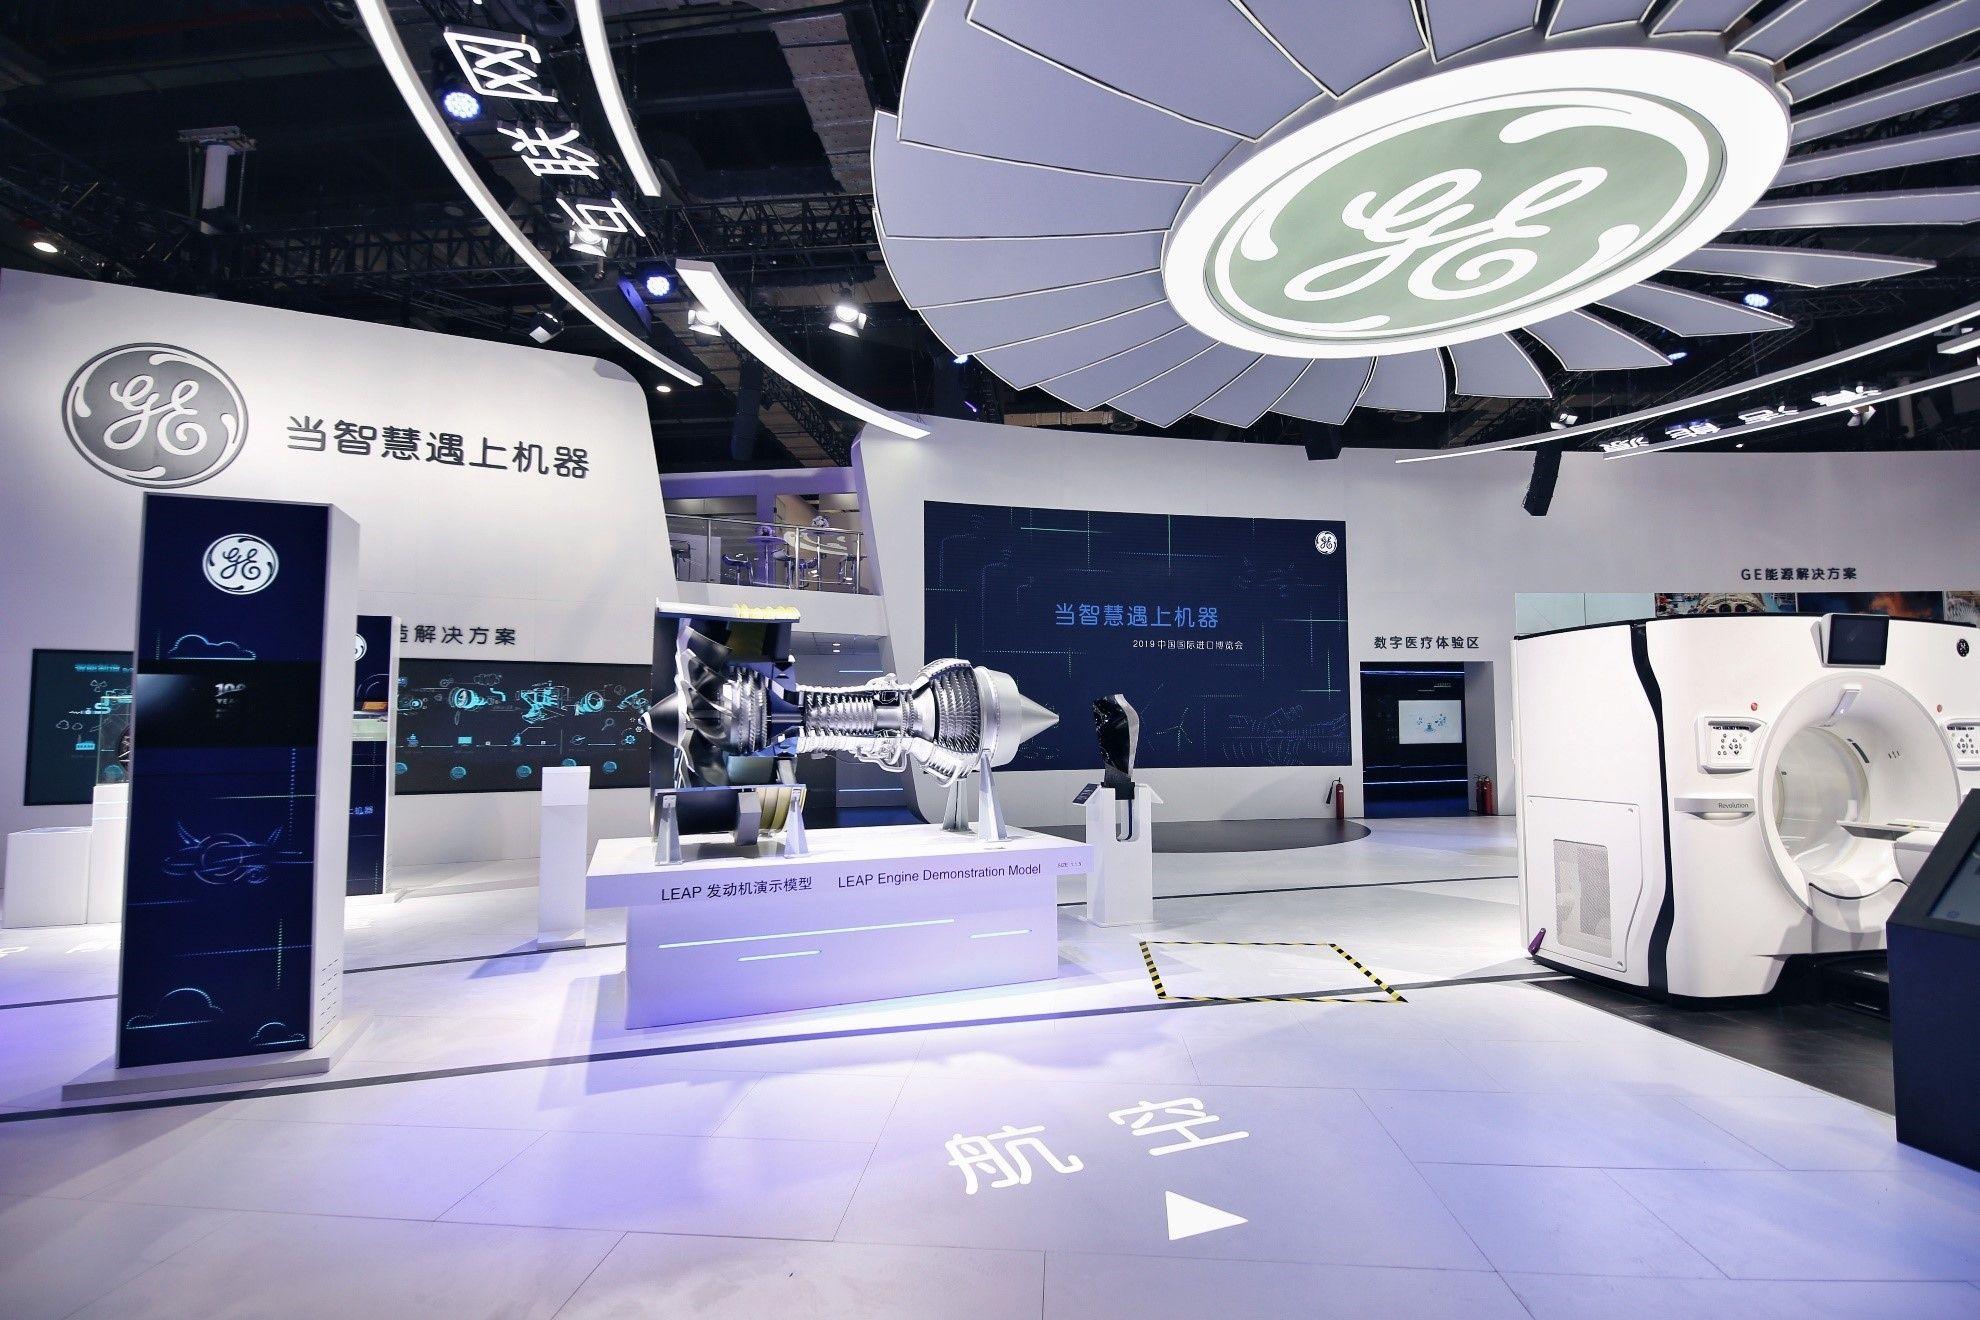 GE航空集团即将亮相第二届进博会